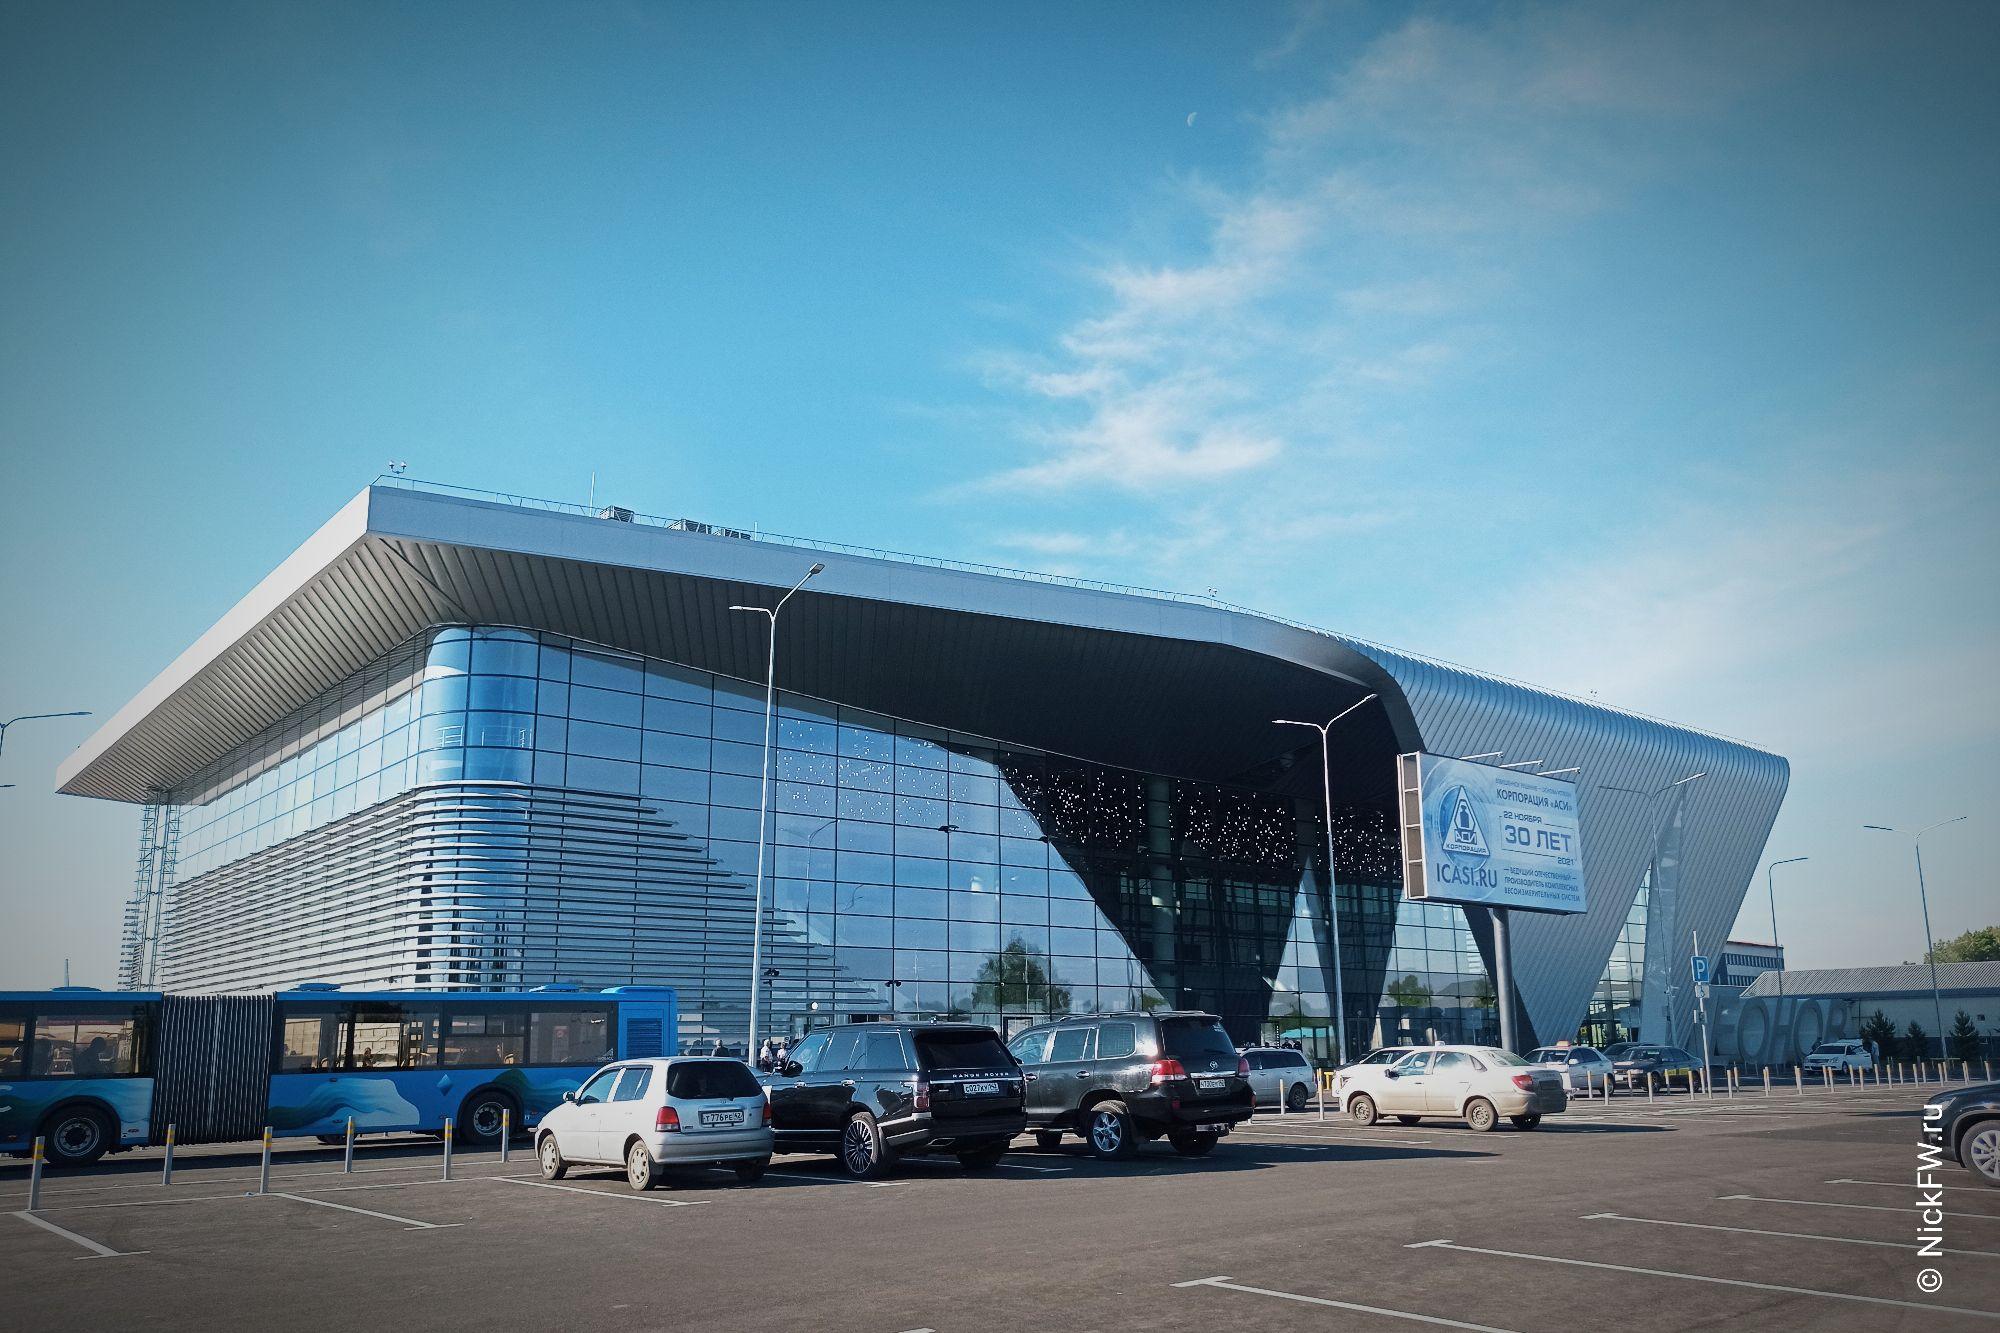 Новый терминал аэропорта Кемерово © NickFW.ru - 02.07.2021г.